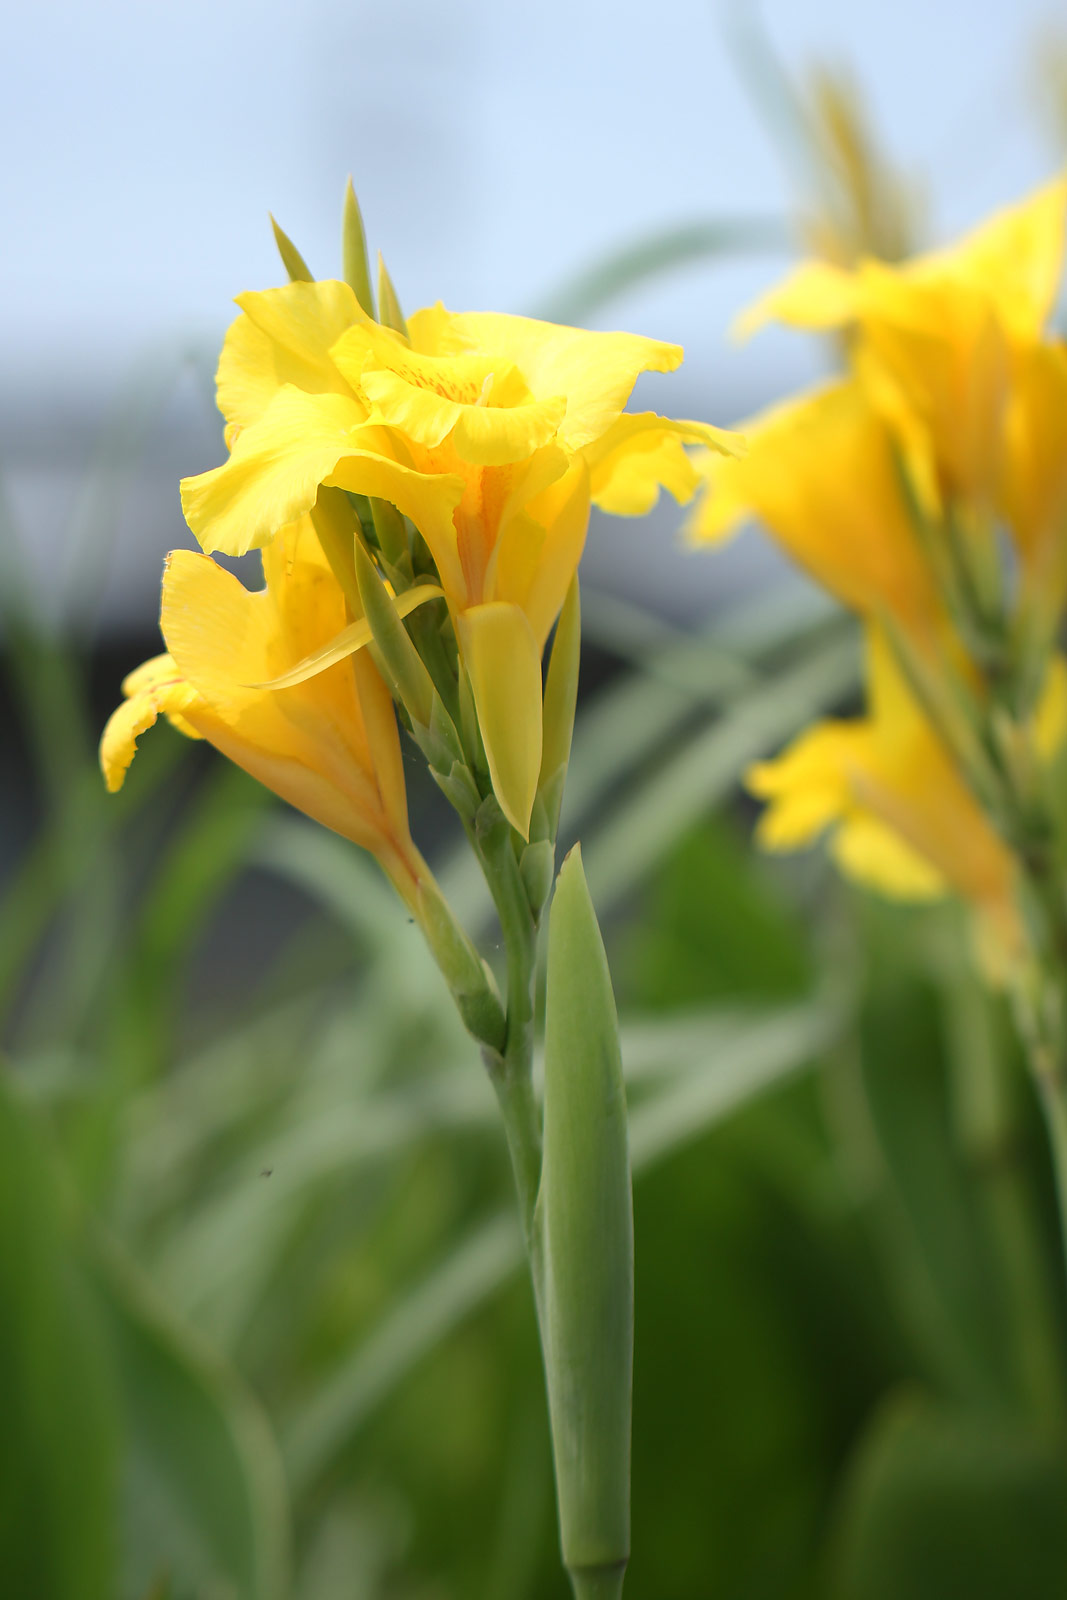 カンナ / お花の写真集